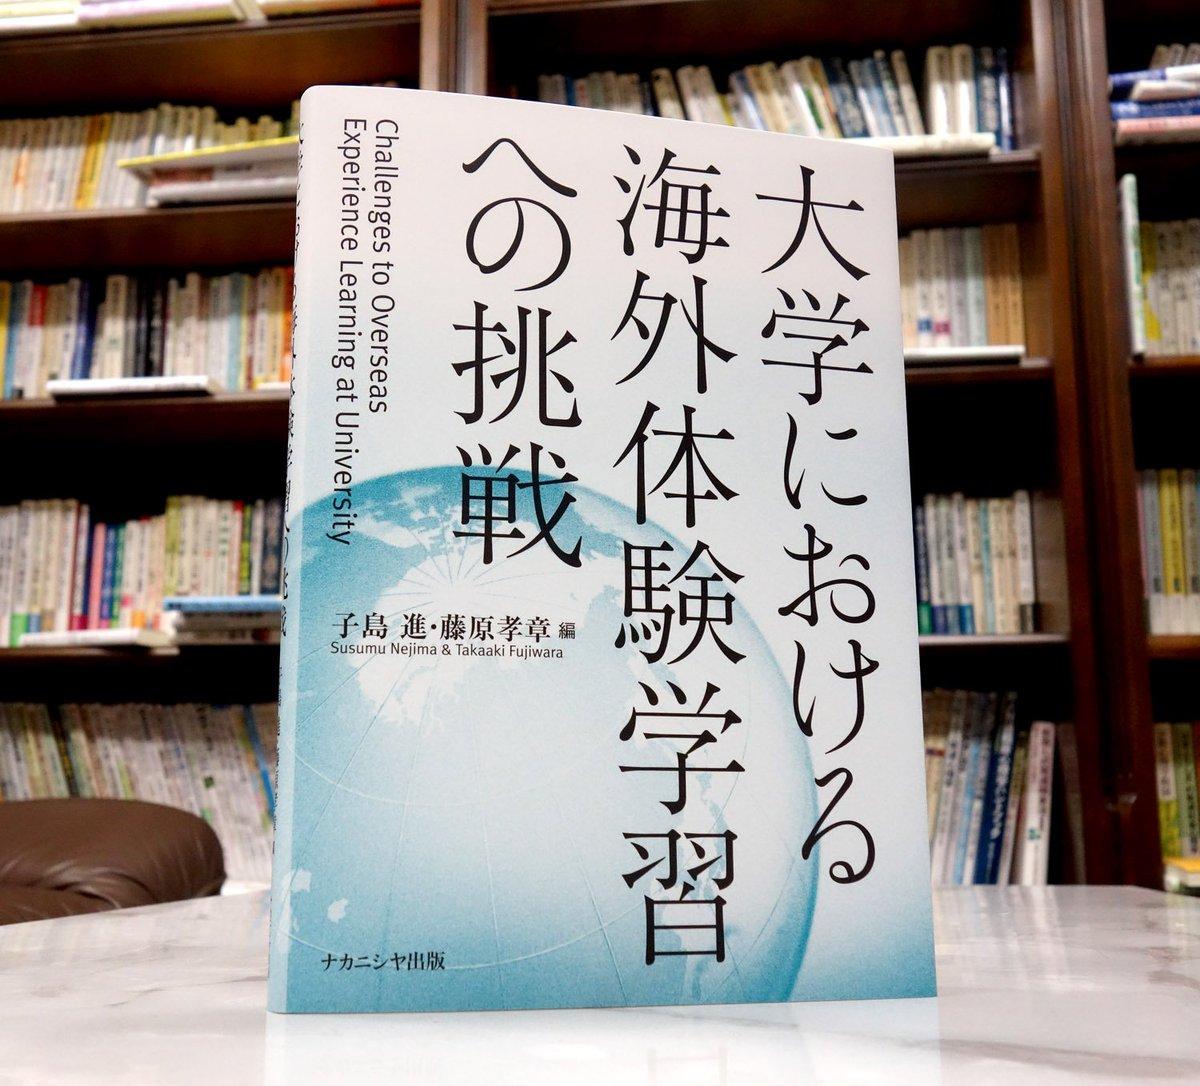 ナカニシヤ出版の人 (@Nakanishi...